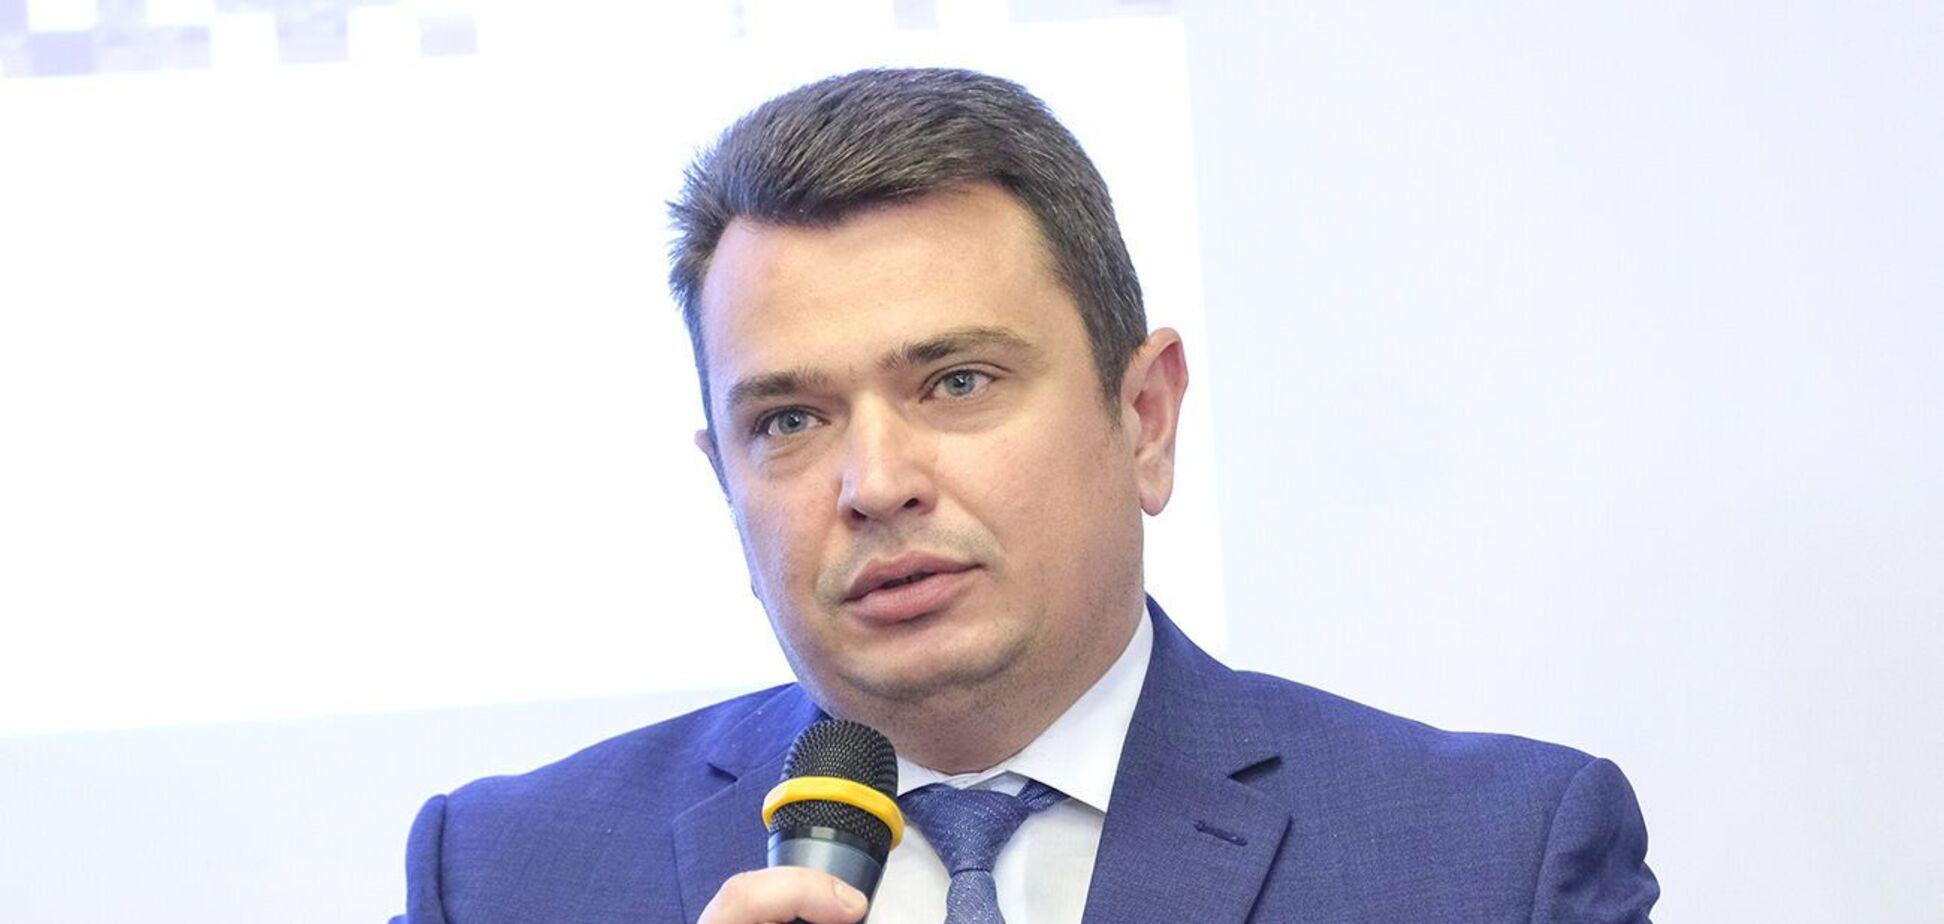 Сытника обязали восстановить незаконно уволенного руководителя подразделения детективов Кареева